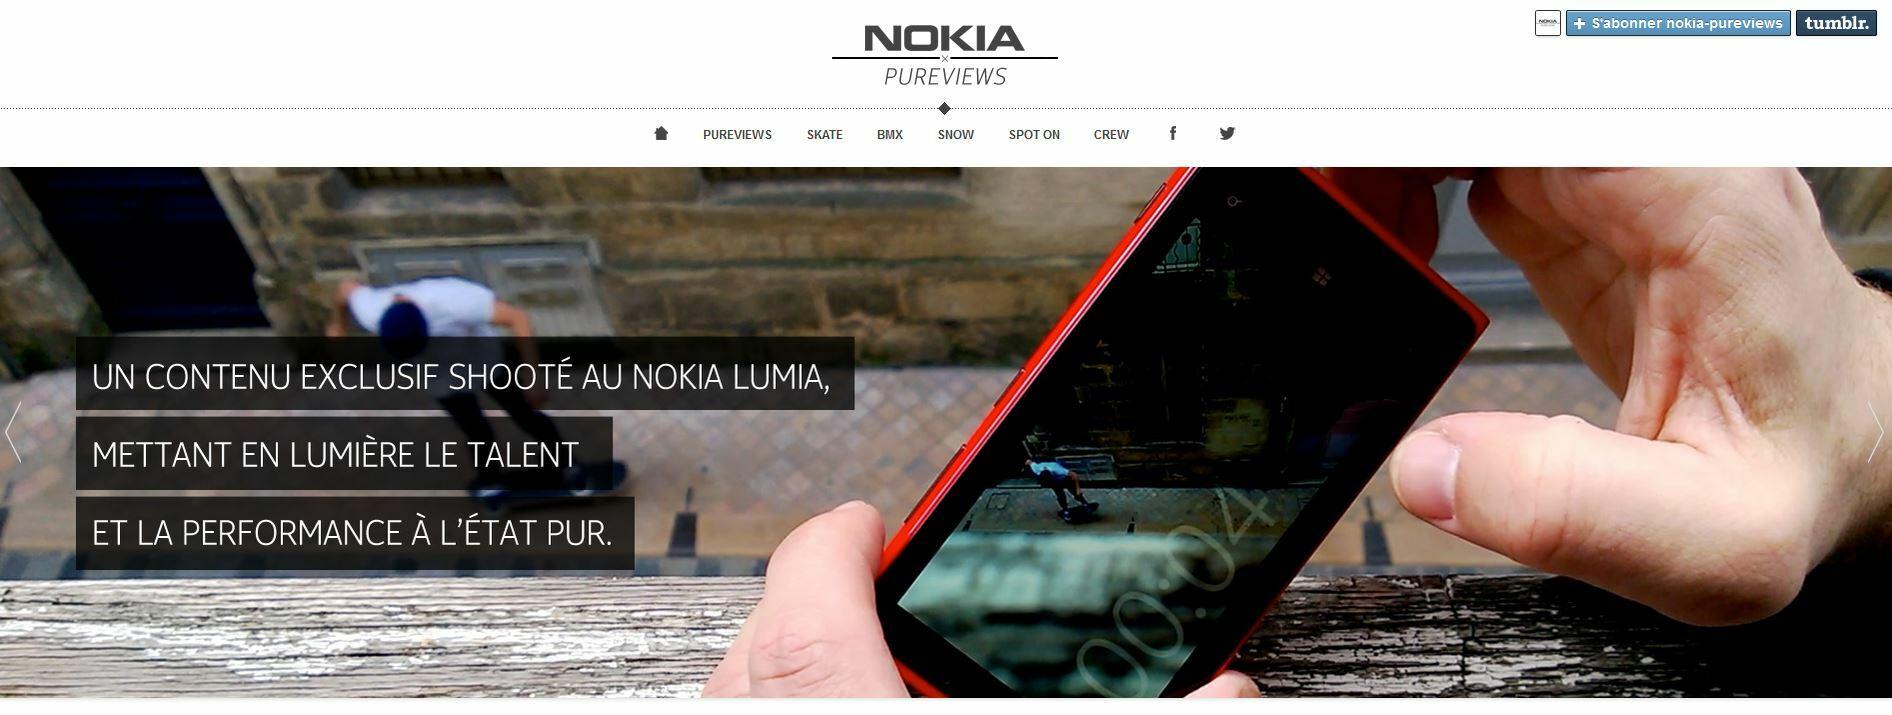 Fans de sport et d'action, découvrez le site NokiaPureviews